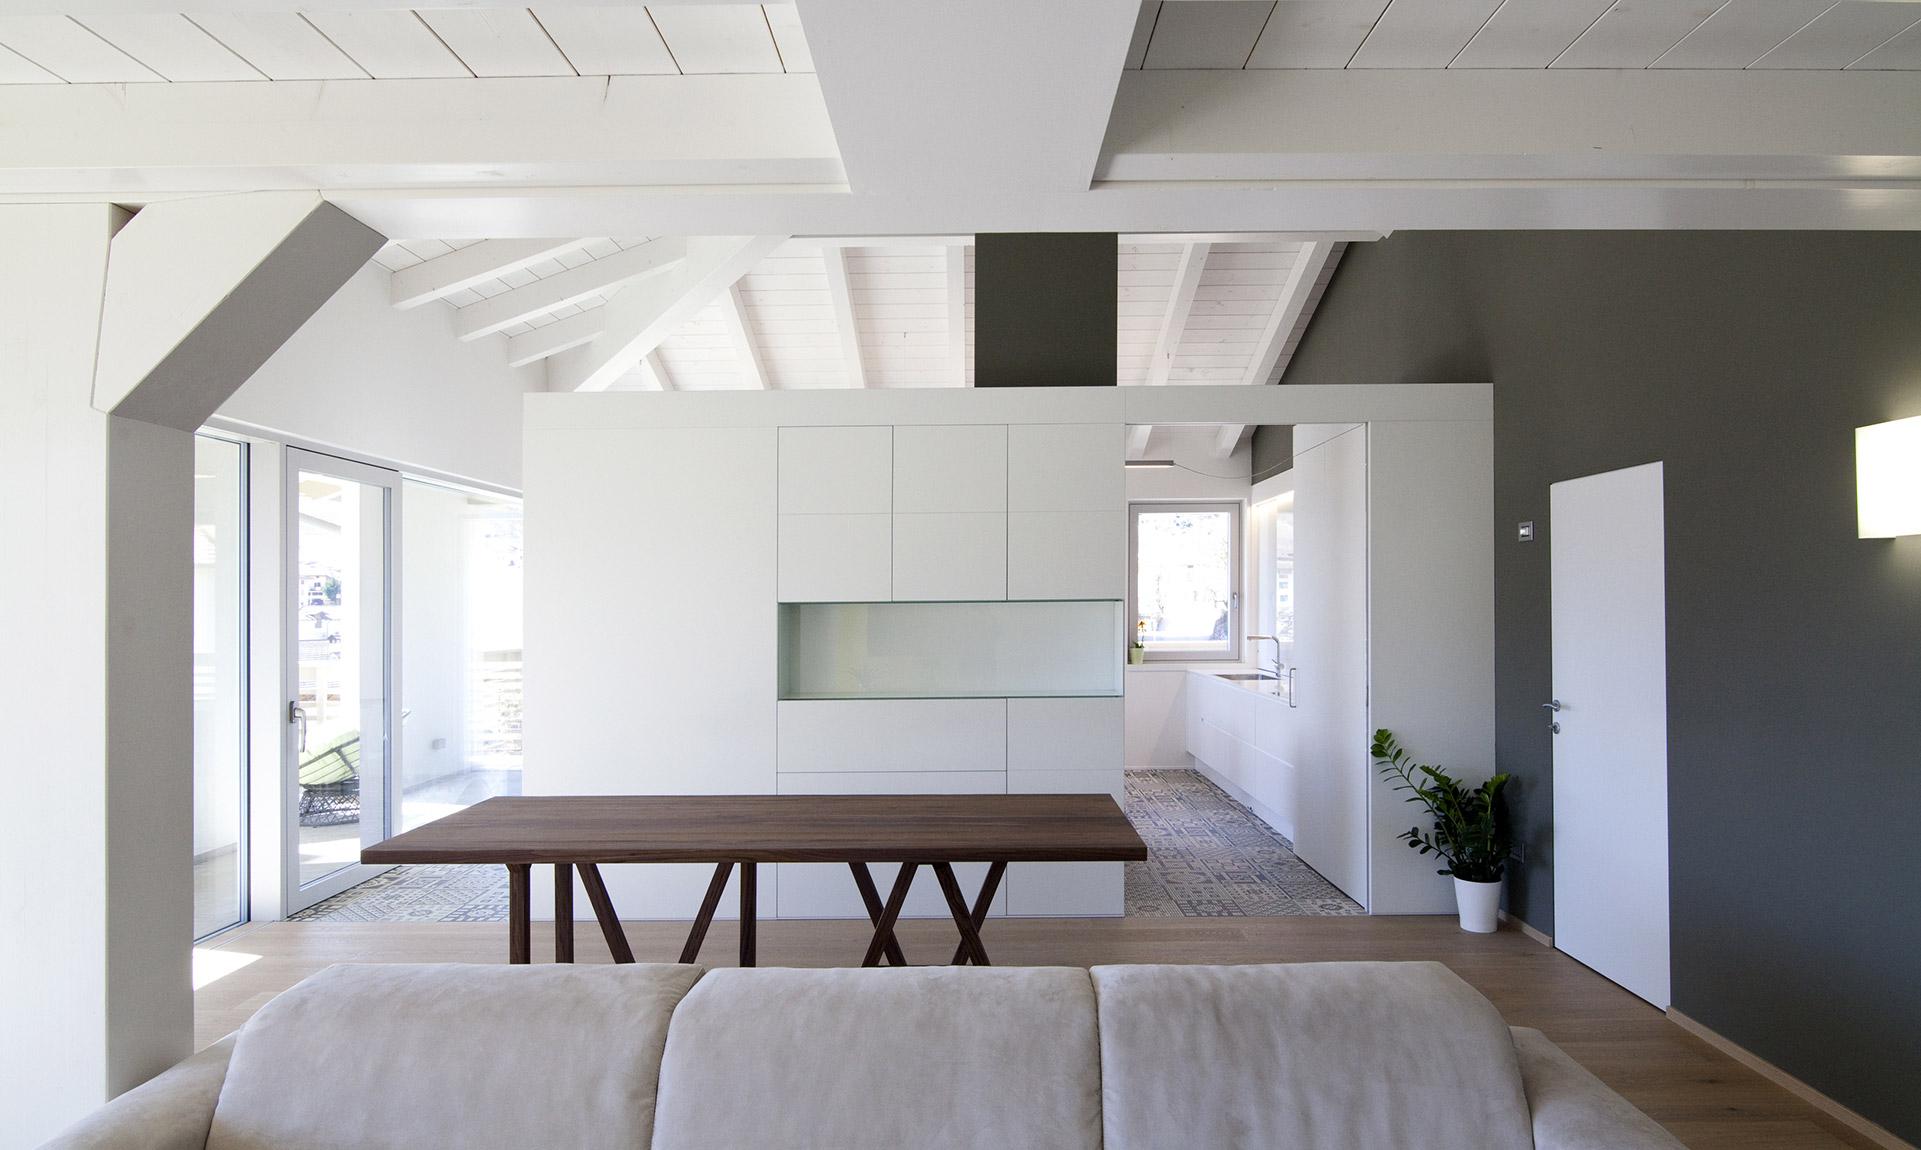 Salotto con tavolo, mobili e pavimento in legno Corazzolla Arredamenti